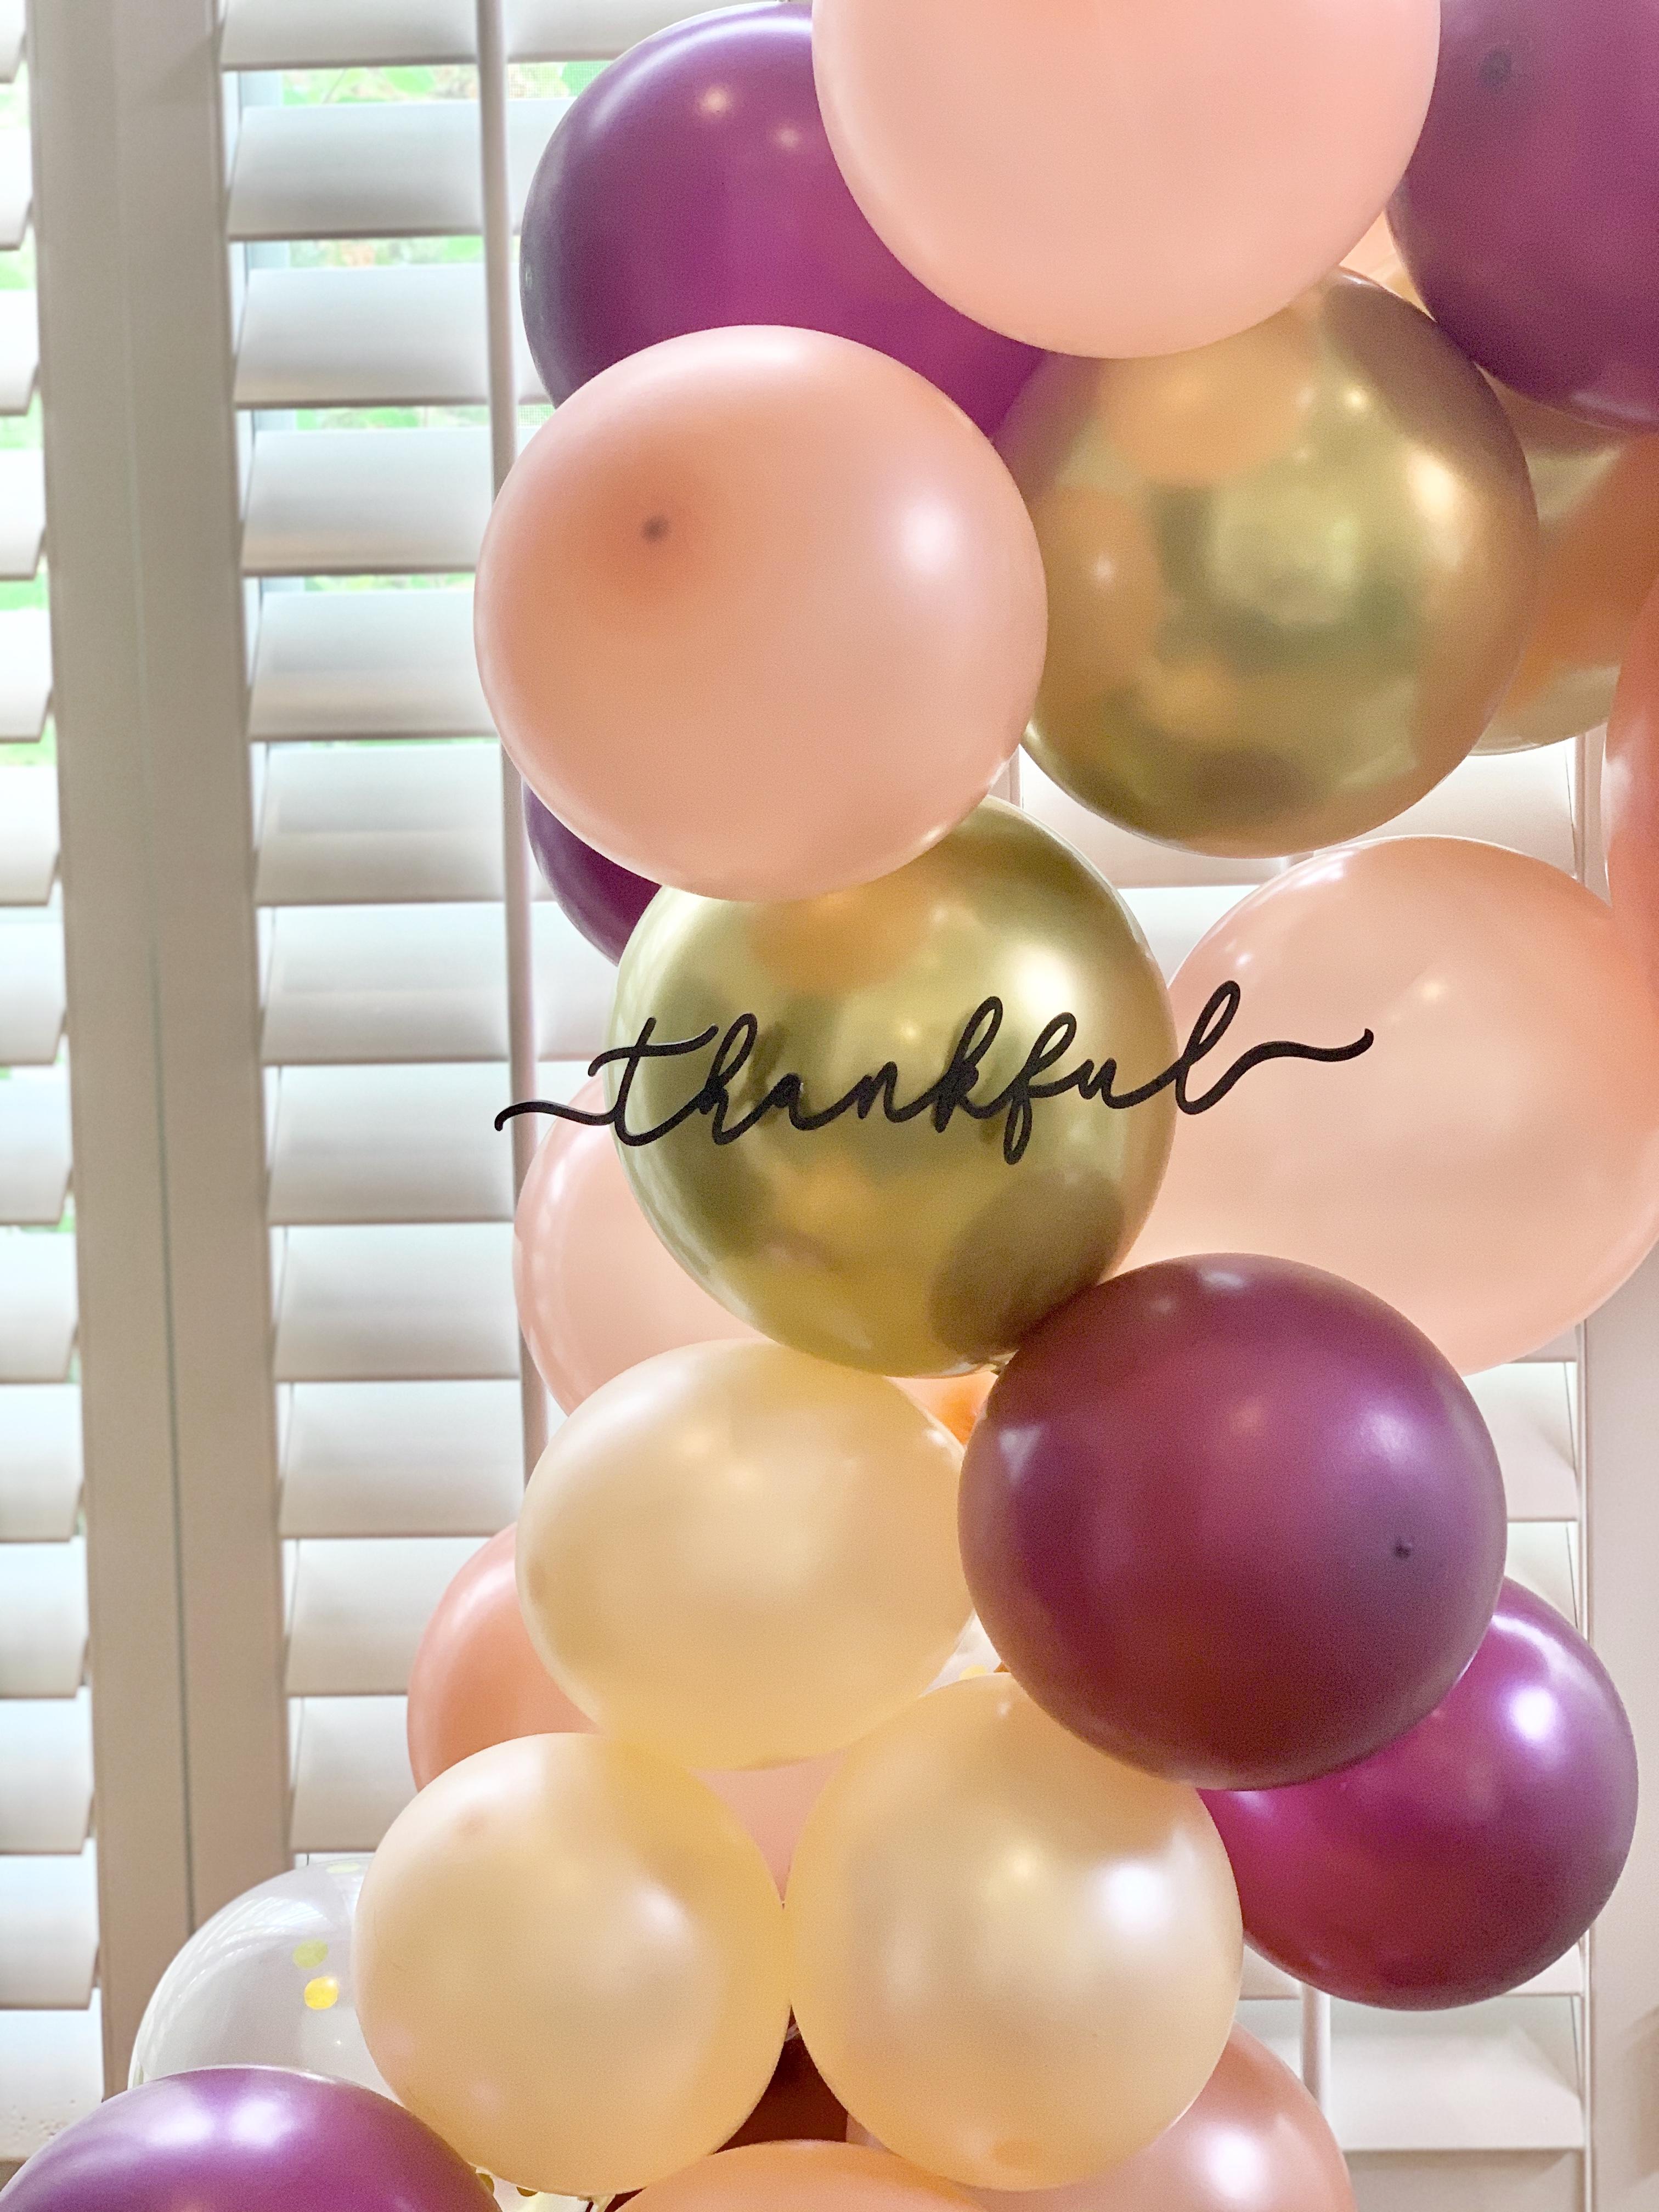 thankful balloons.jpg